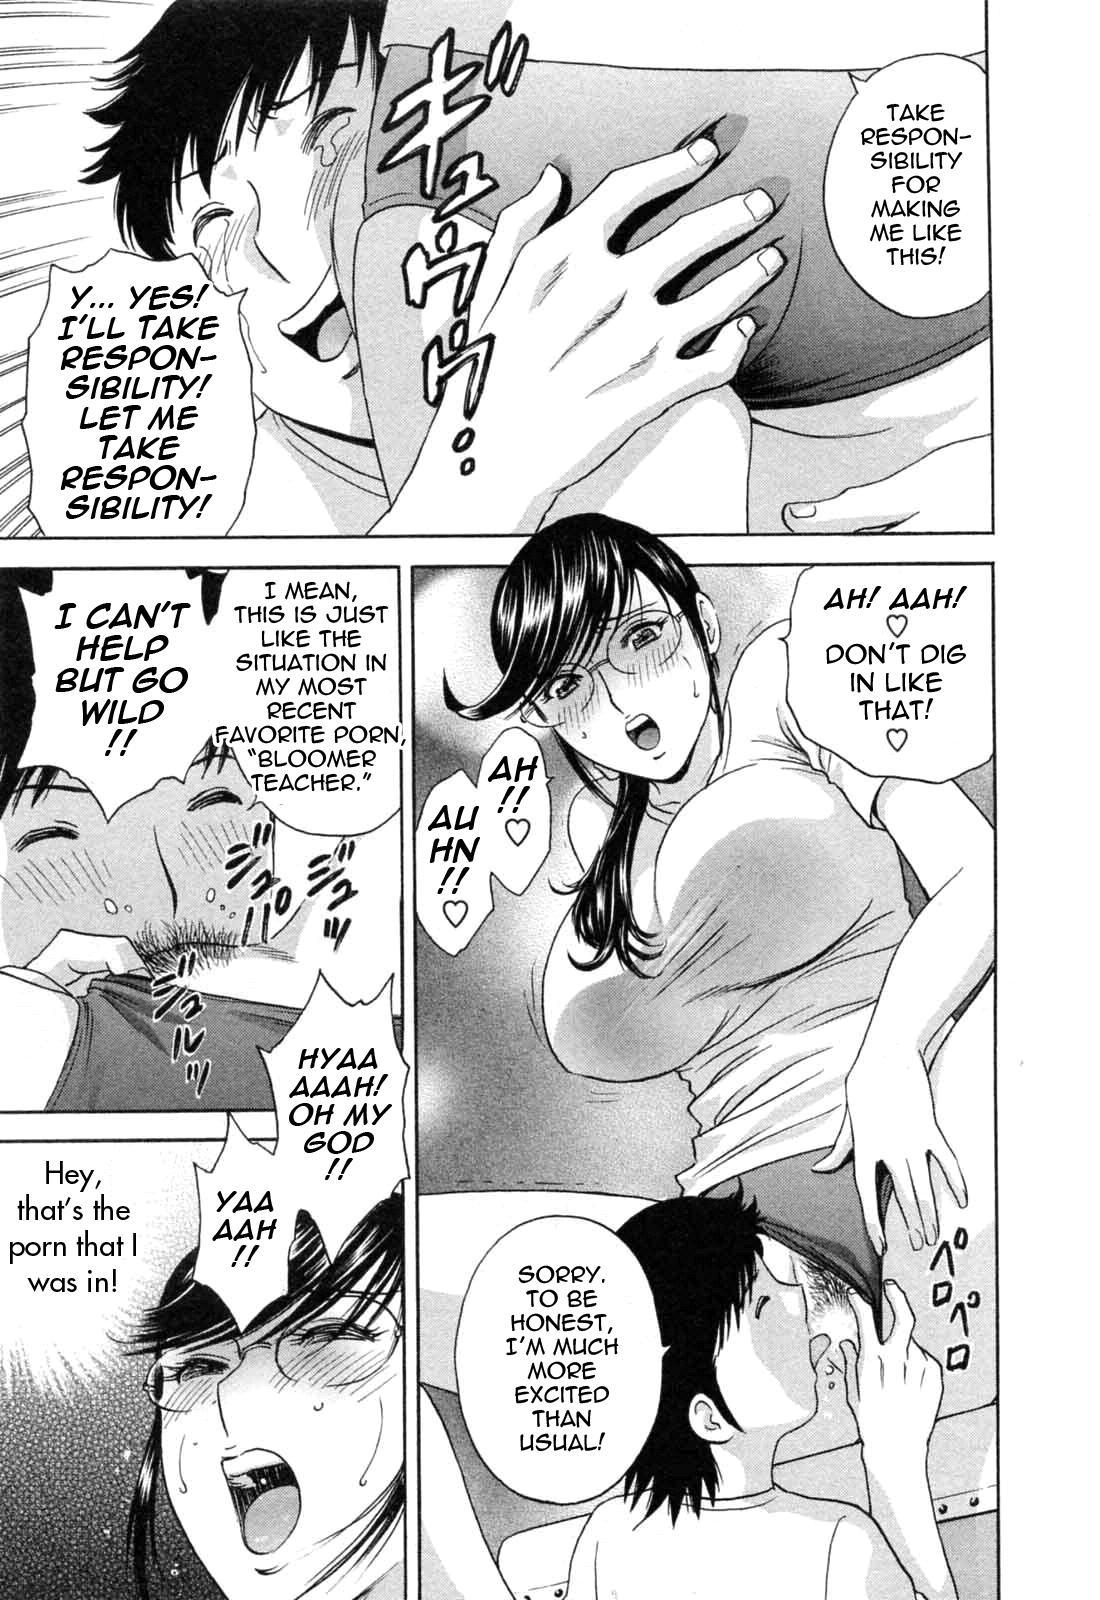 [Hidemaru] Mo-Retsu! Boin Sensei (Boing Boing Teacher) Vol.5 [English] [4dawgz] [Tadanohito] 159